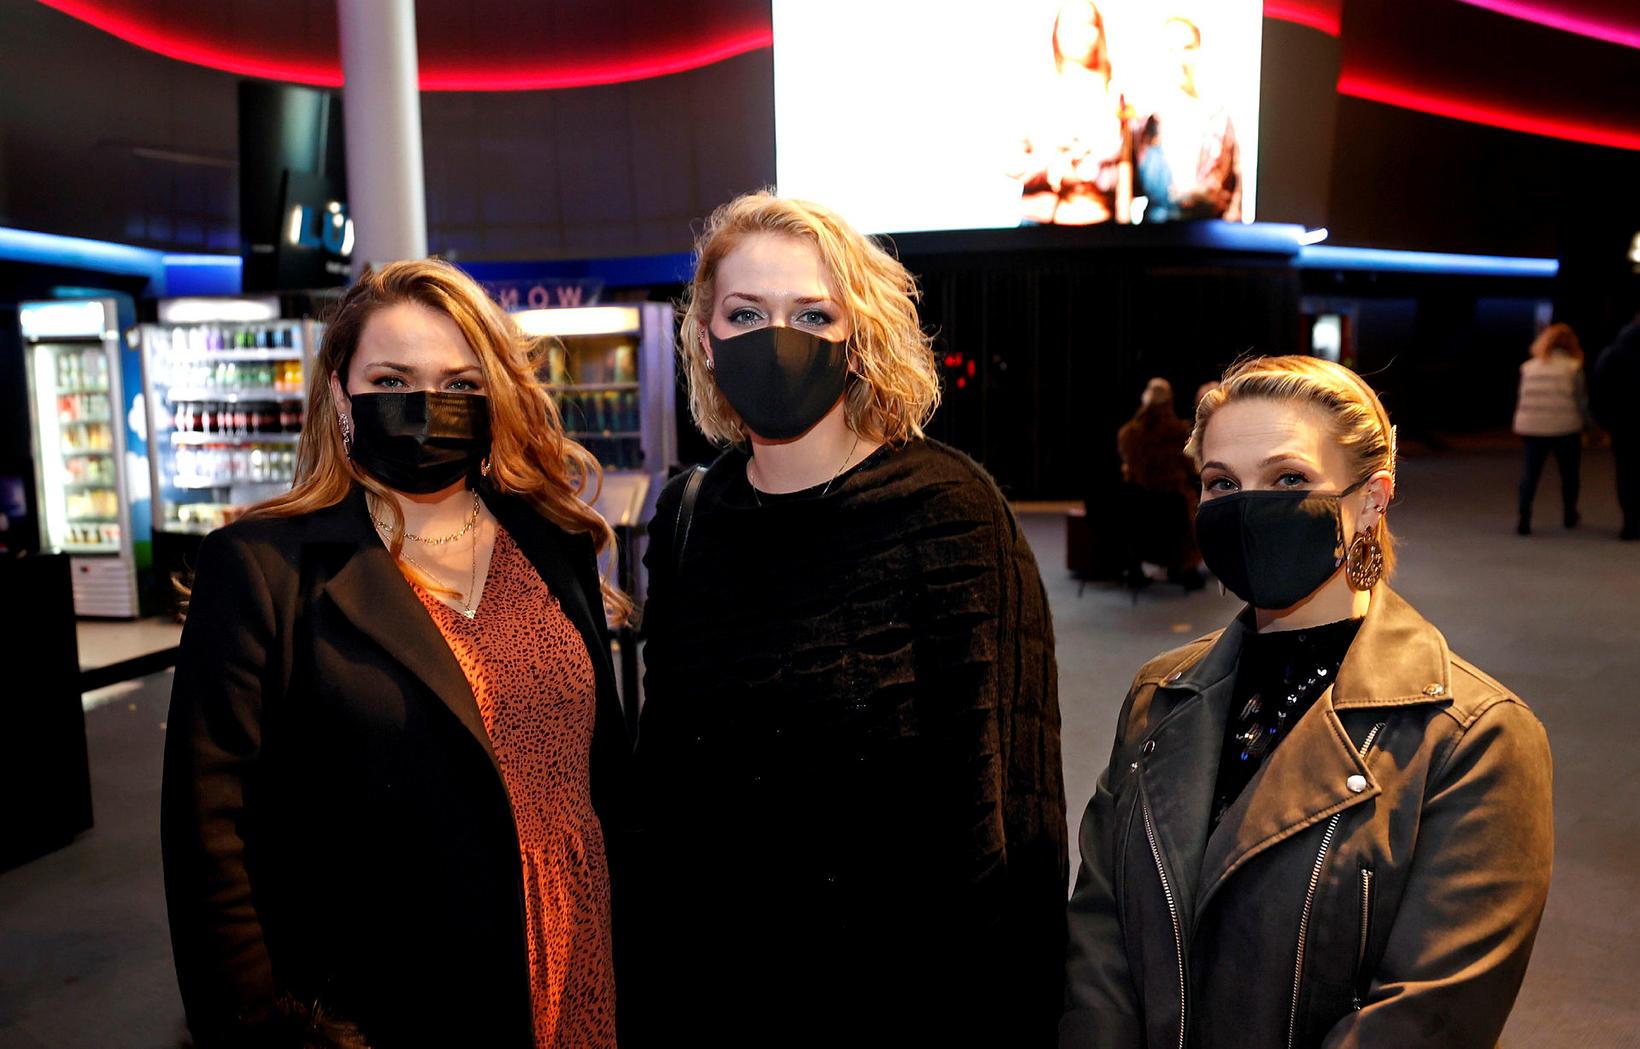 Ylfa Marín Haraldsdóttir, Ólöf Birna Torfadóttir og Ásta Júlía Elíasdóttir.